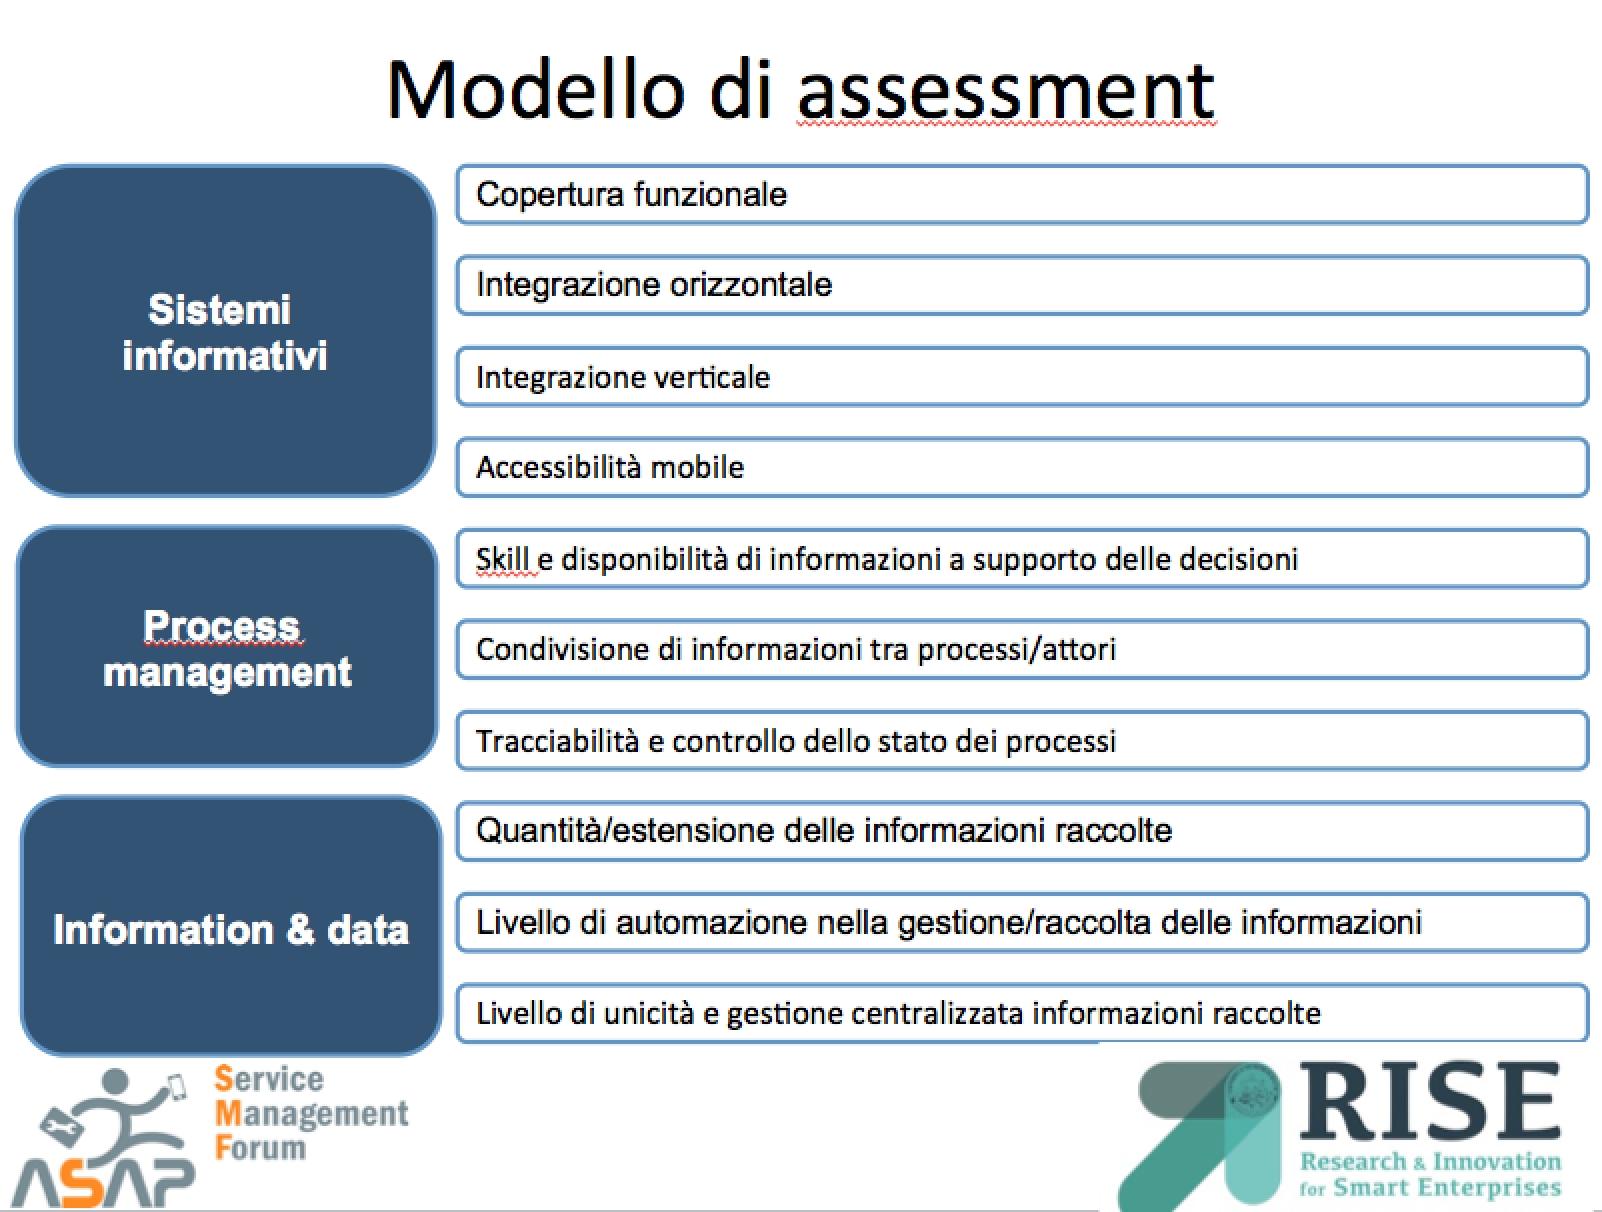 Modello di assessment RISE